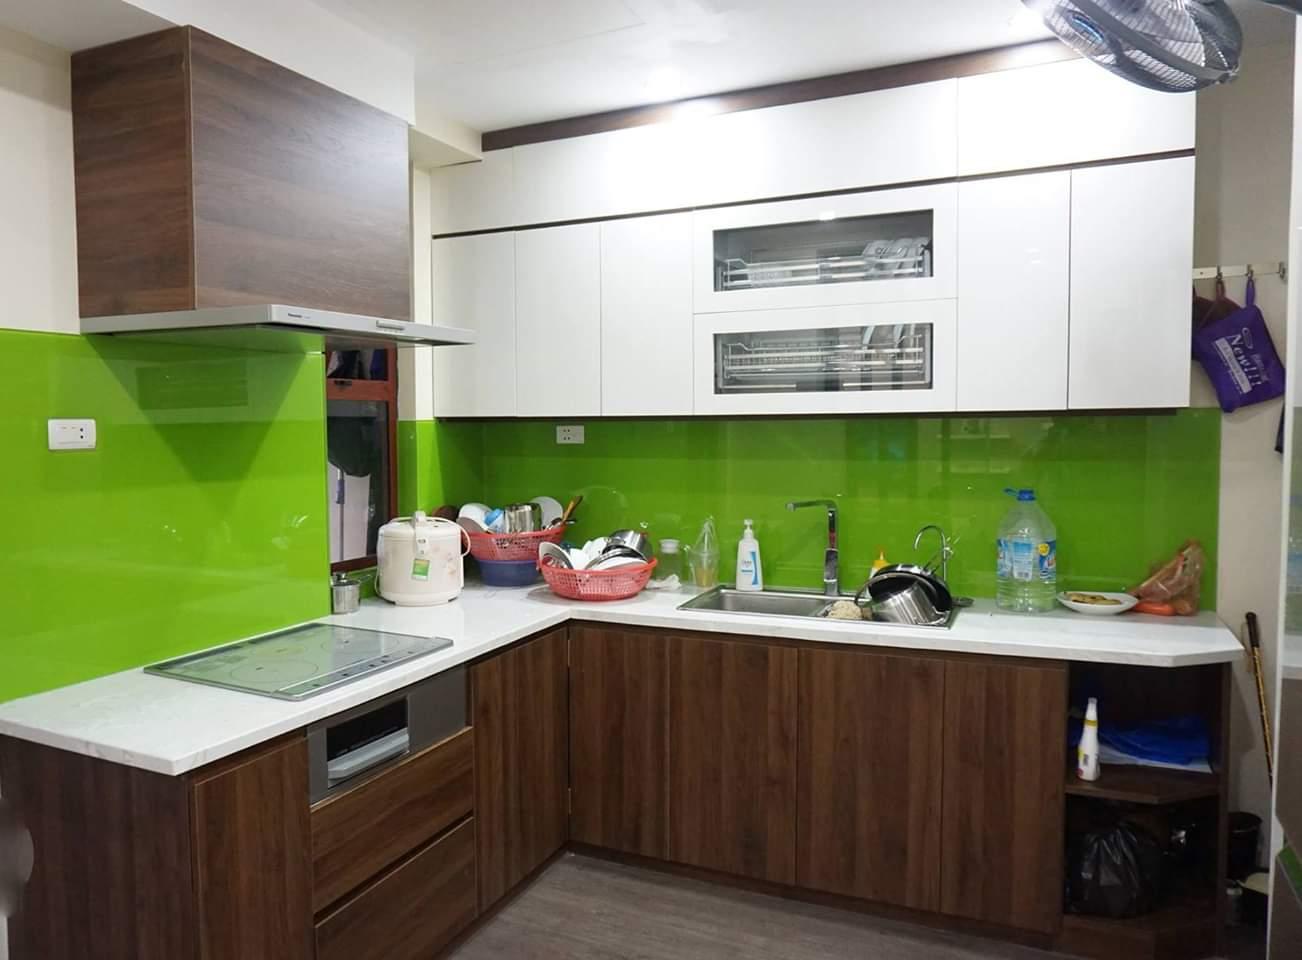 Tủ bếp kết hợp màu trắng với màu vân gỗ tự nhiên xu hướng mới của thiết kế.